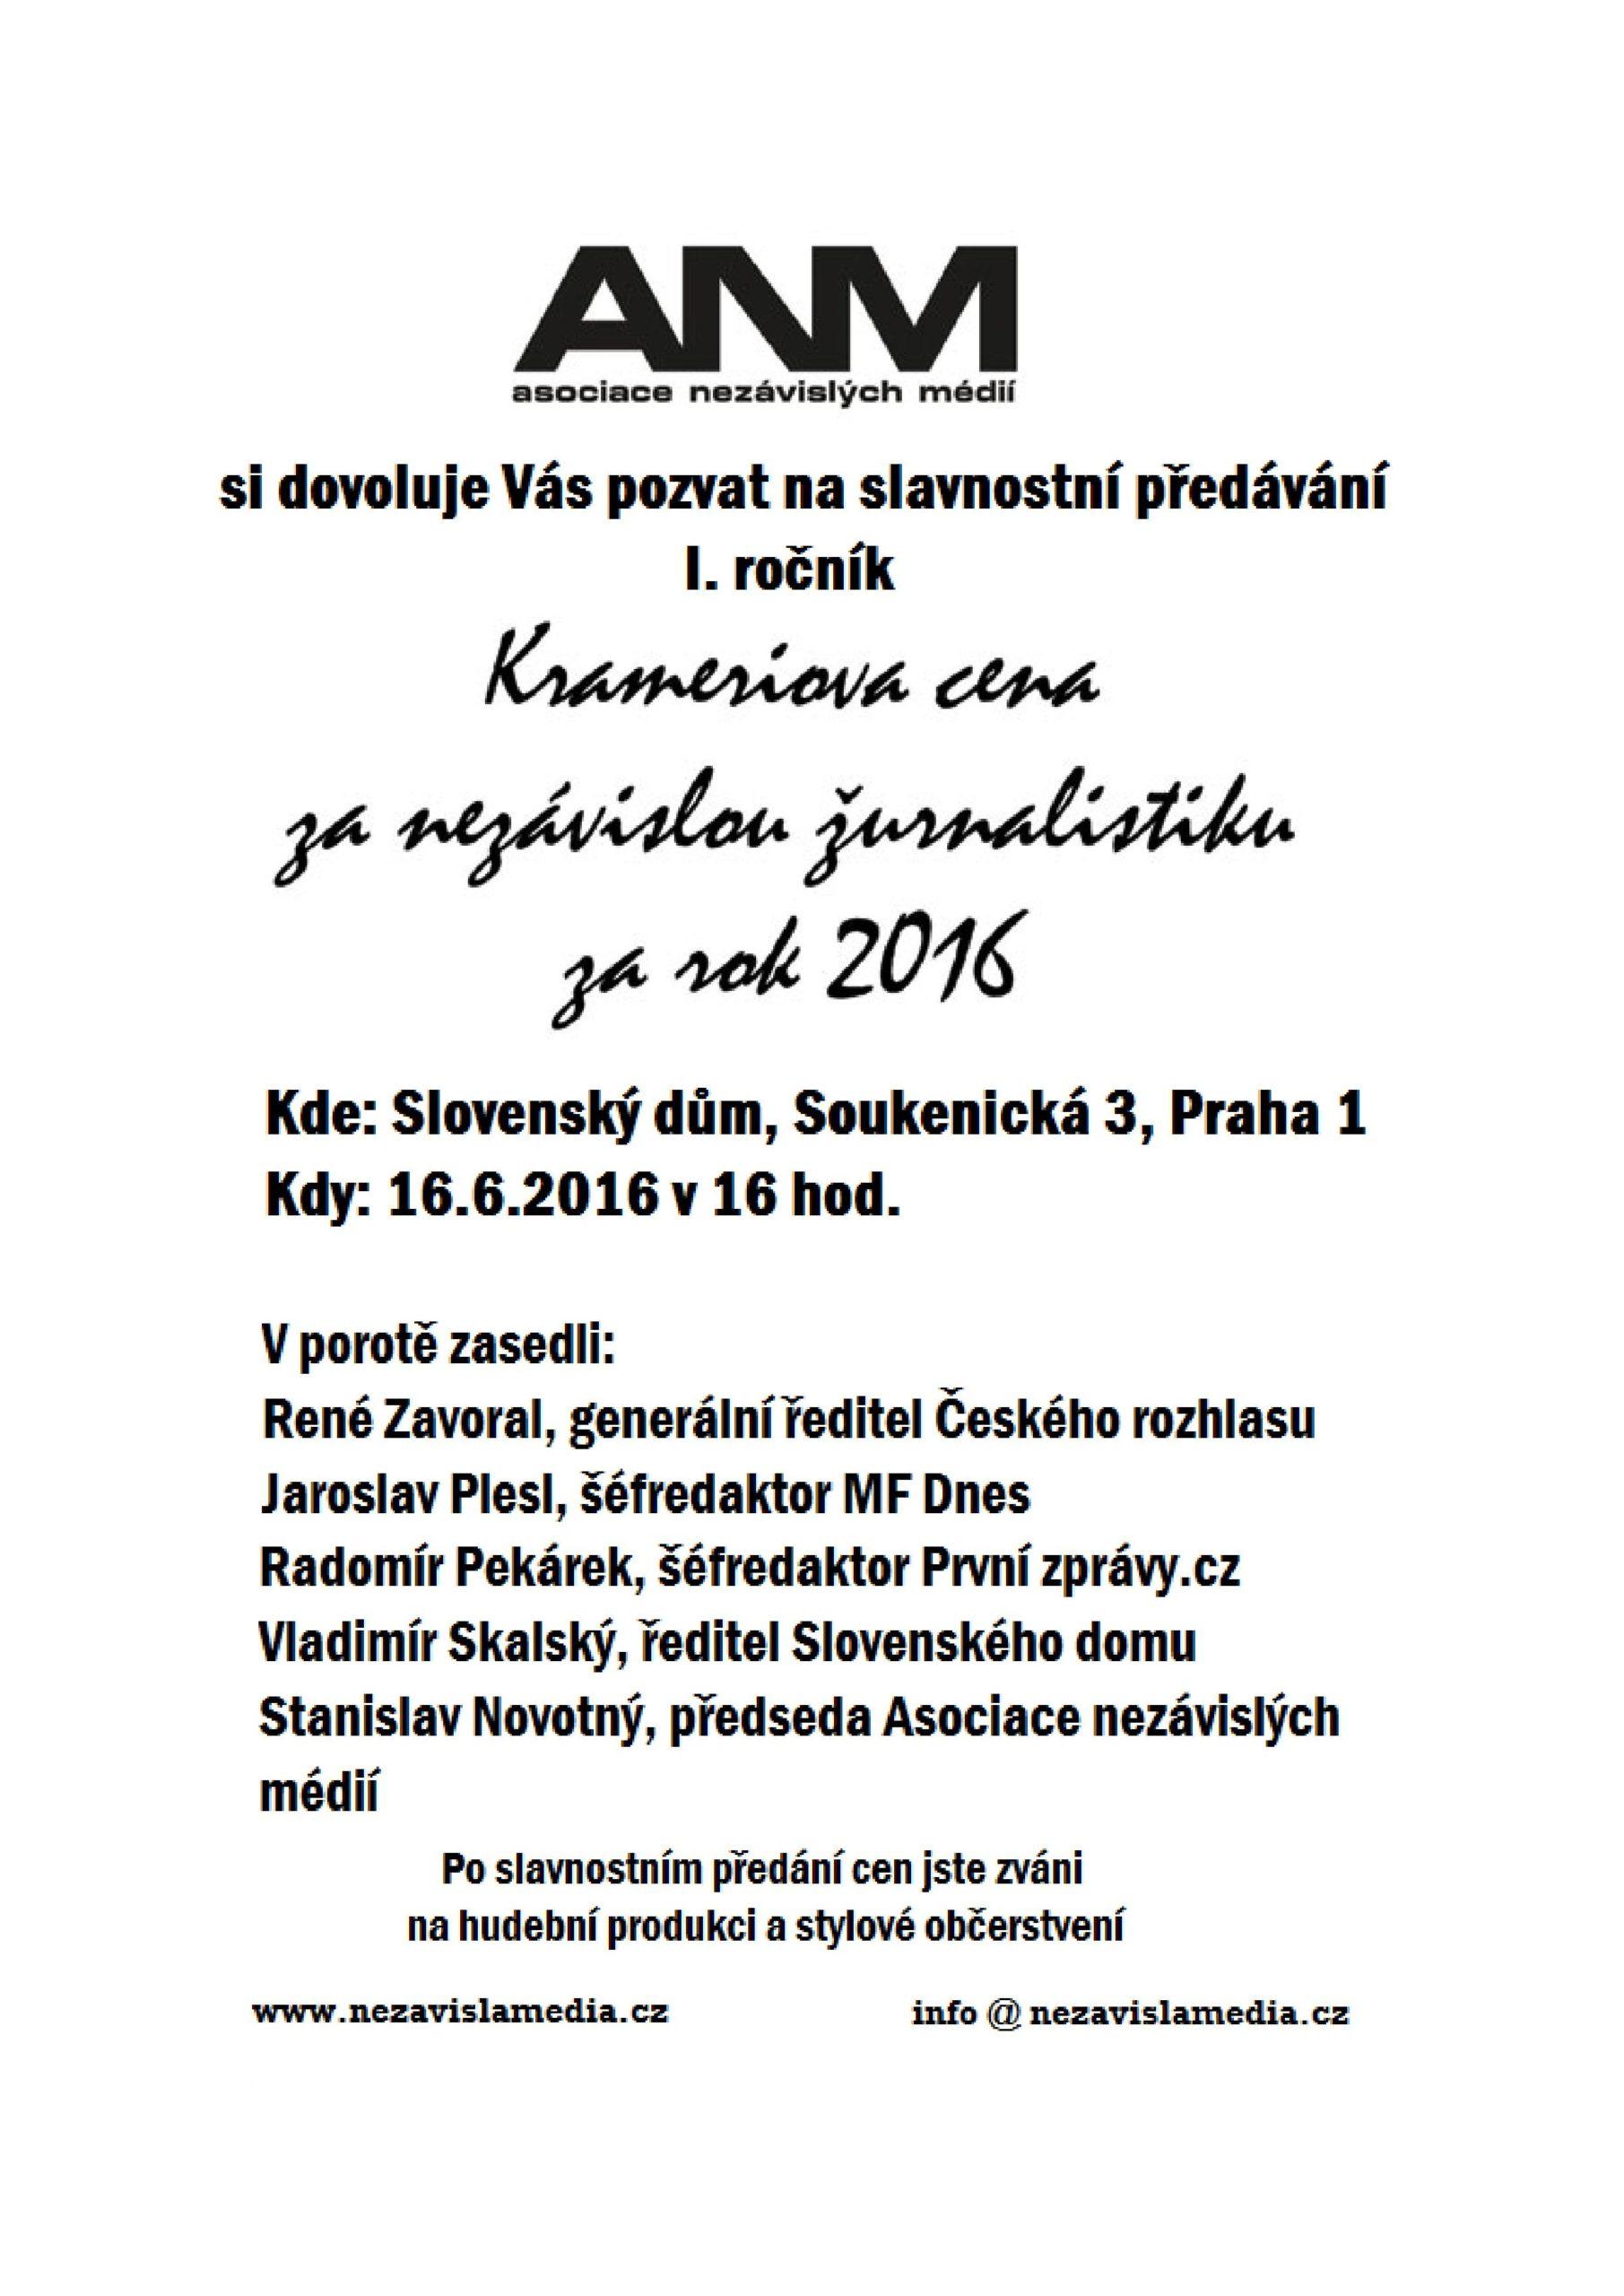 Pozvánka-Krameriova-ANM-16.6.20161